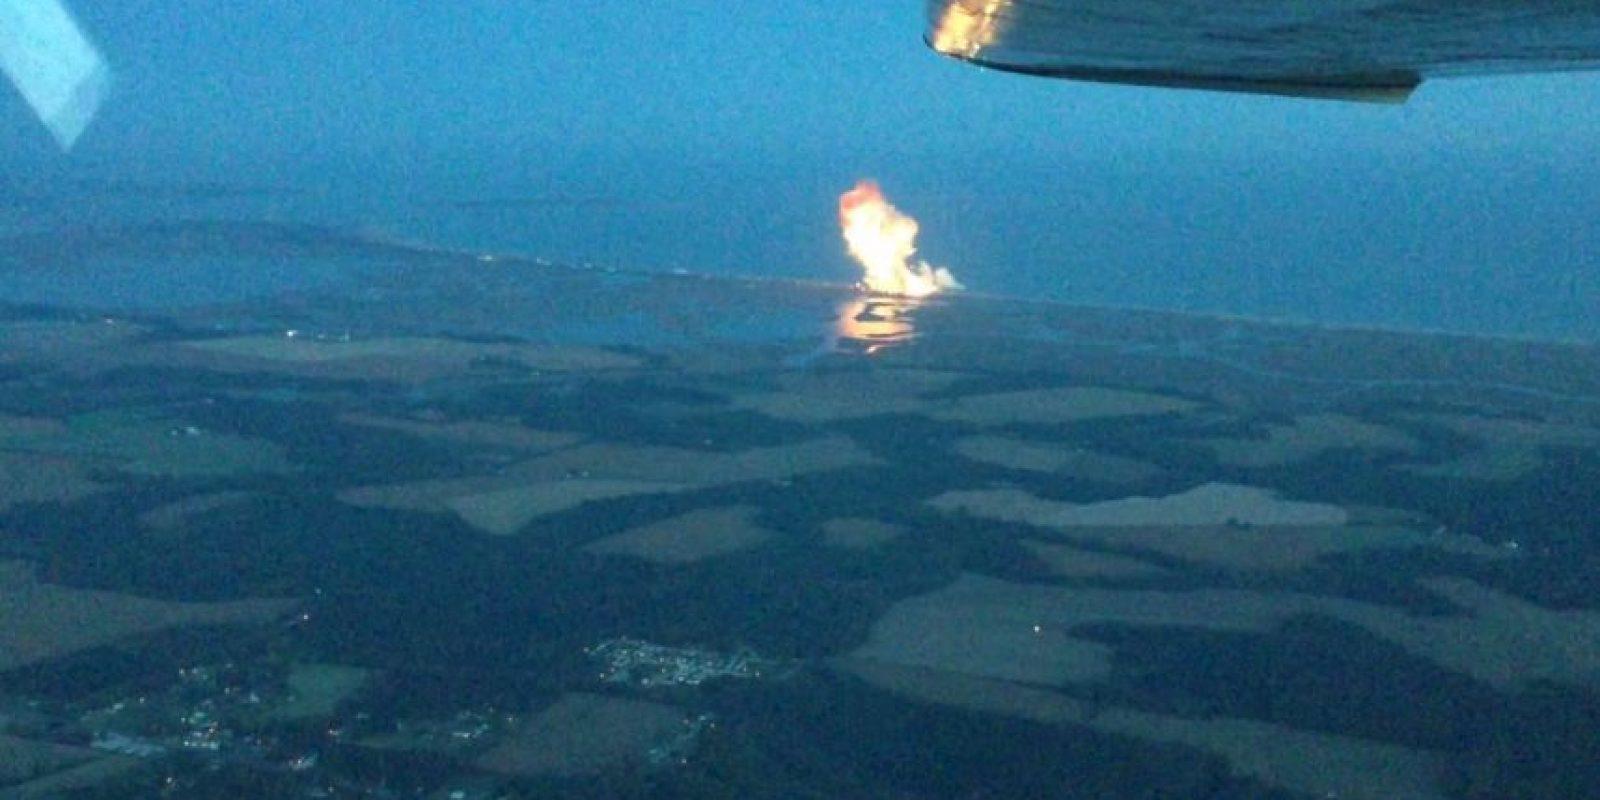 El cohete Antares de Orbital Sciences explotó seis segundos después de despegar Foto:YouTube / Ed Sealing